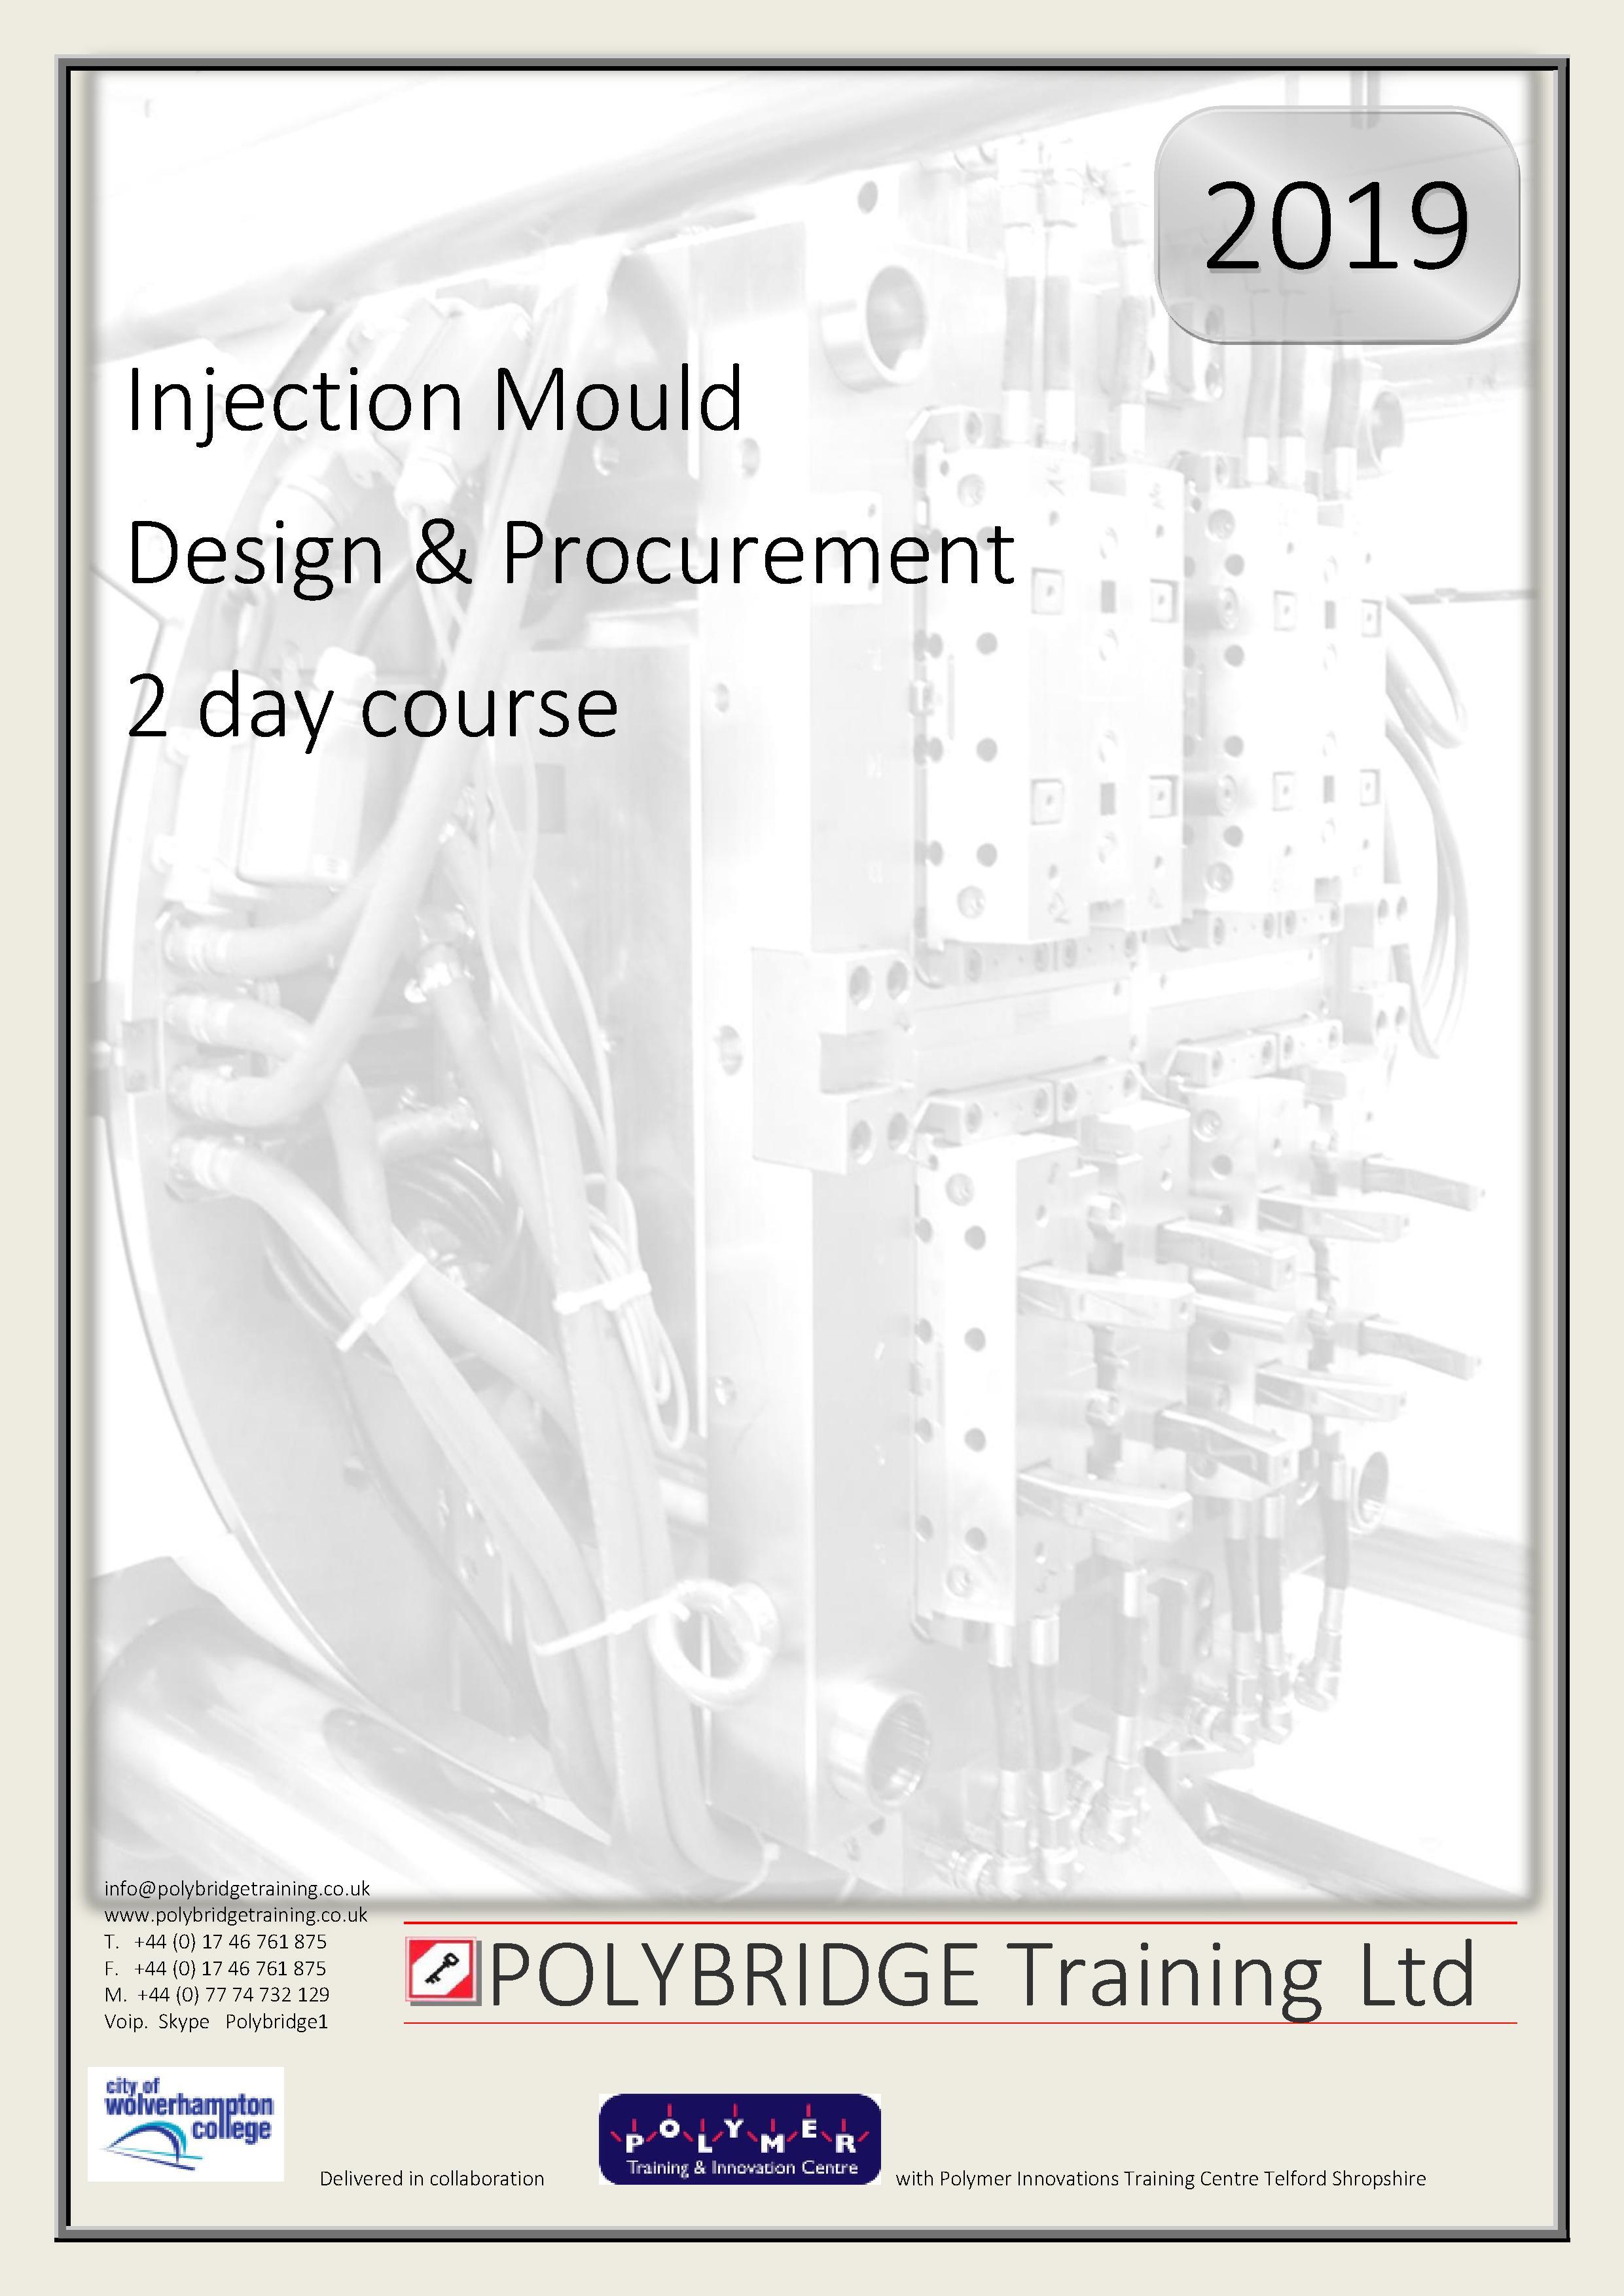 Plastic Injection Moulding,Training,Plastics Moulding courses